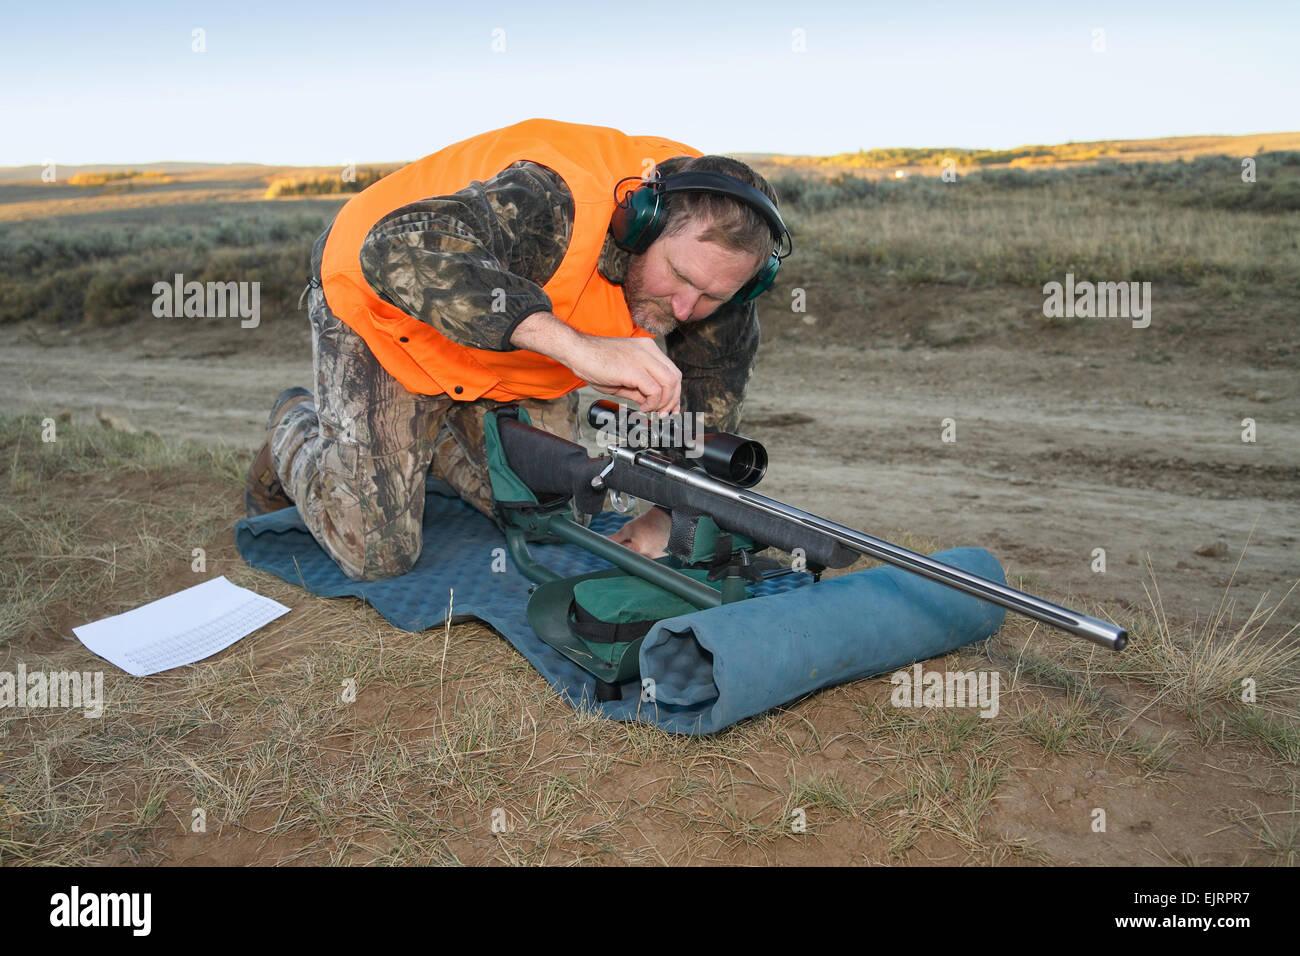 rifle hunter adjusting rifle scope - Stock Image